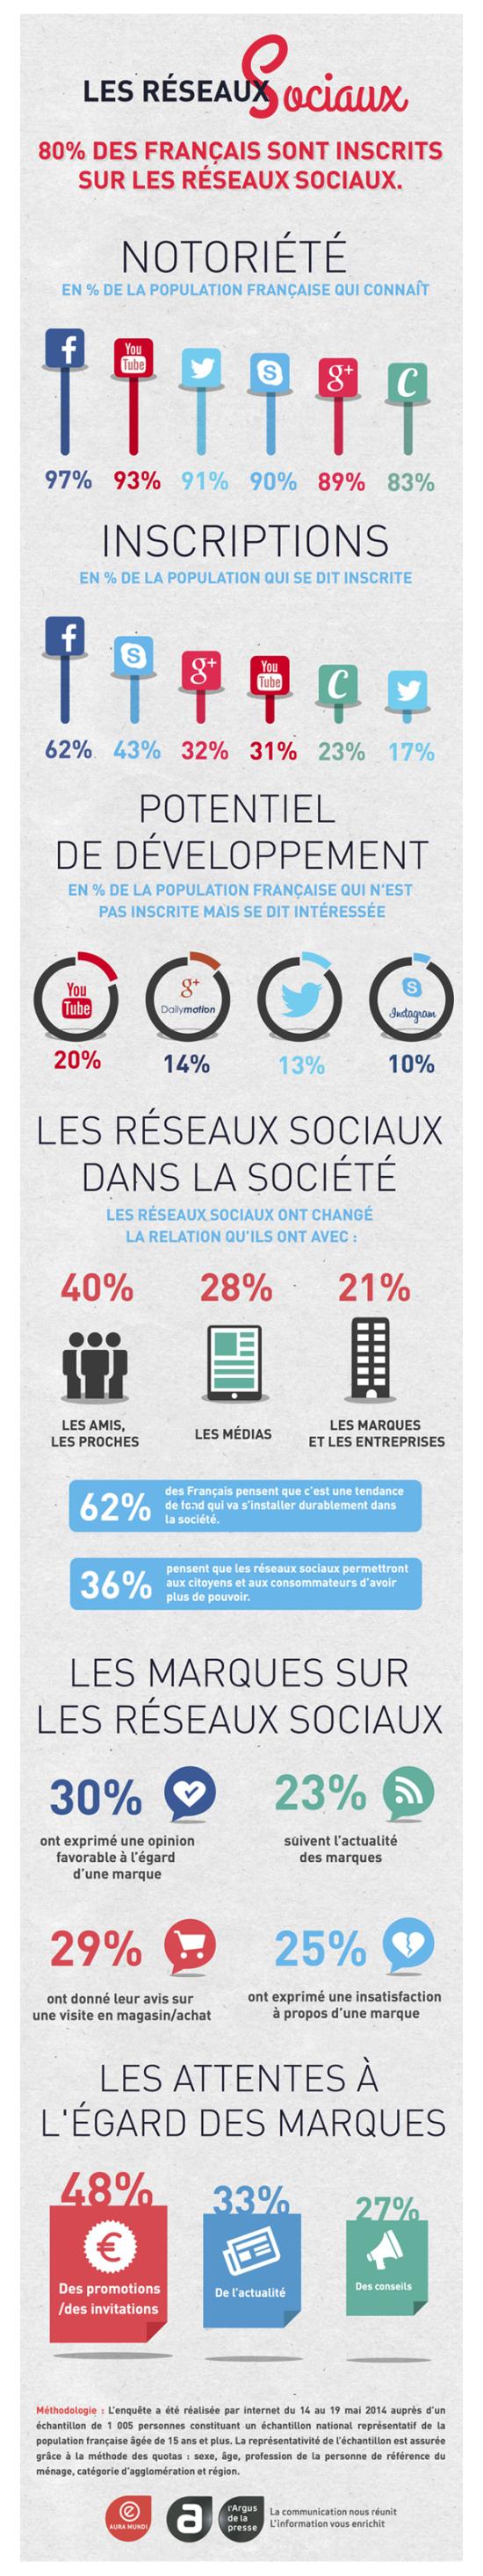 Infographie-Les-réseaux-sociaux-Aura-Mundi-sur-culture-RP-550x2933